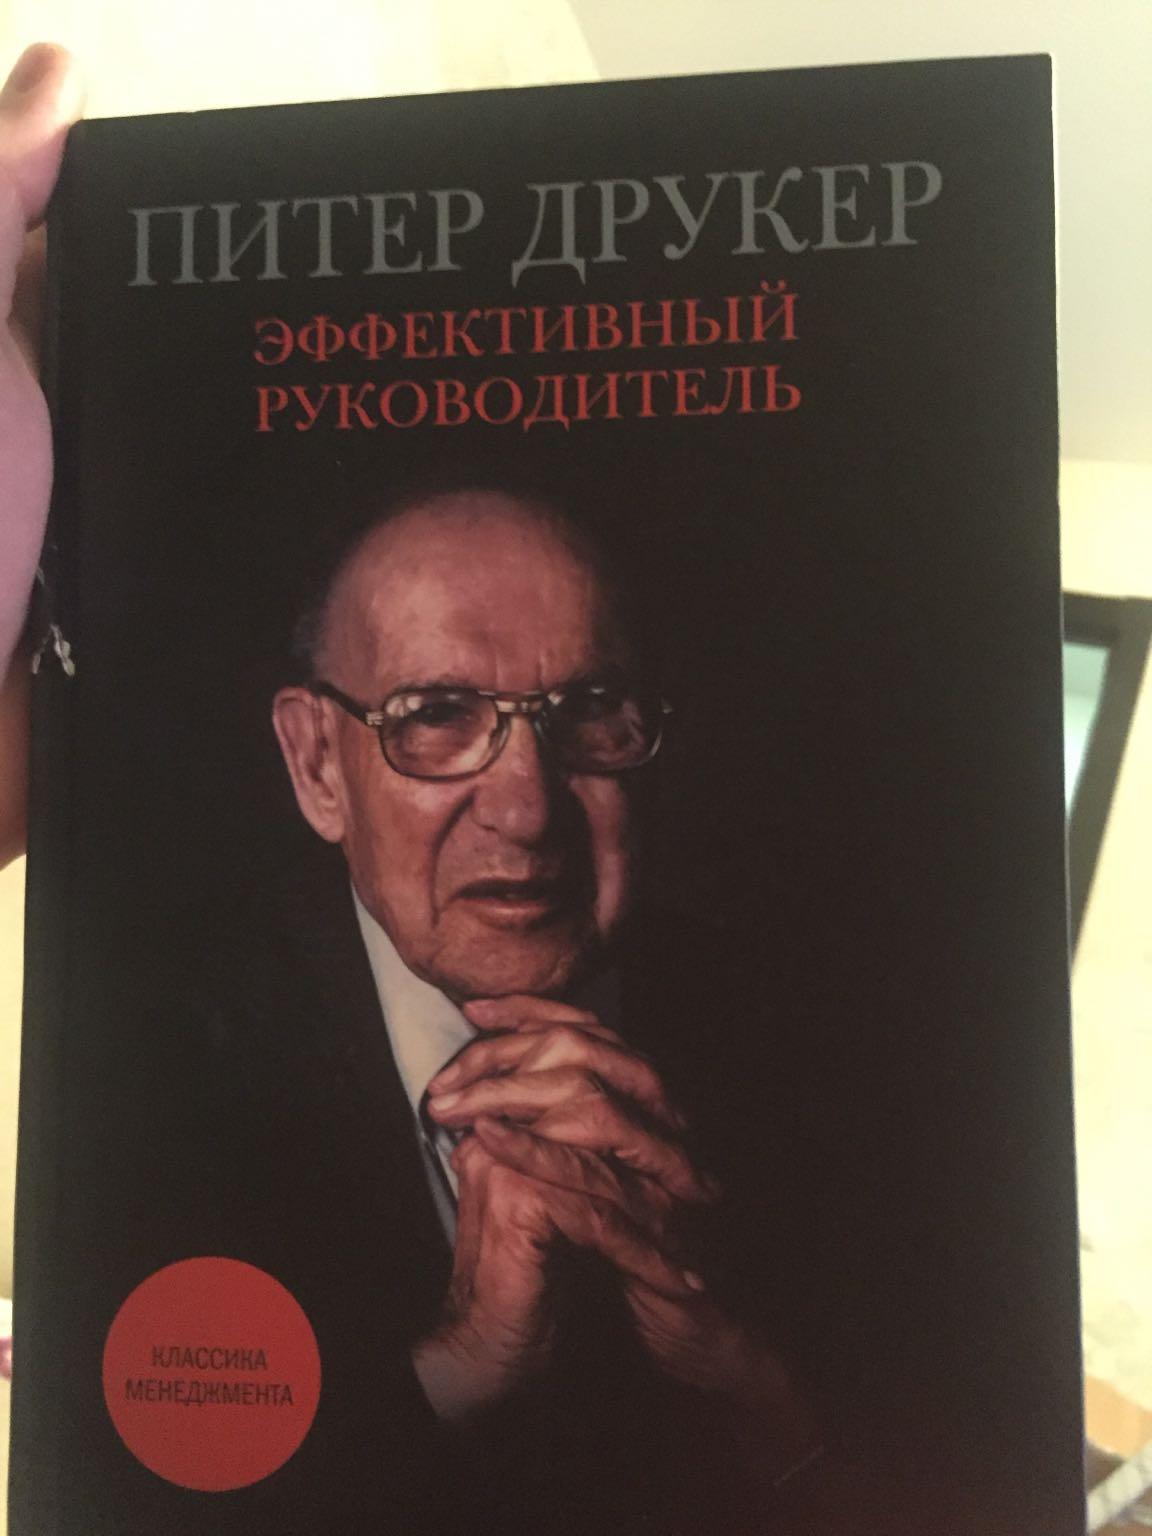 ПИТЕР ДРУКЕР ЭФФЕКТИВНЫЙ РУКОВОДИТЕЛЬ PDF СКАЧАТЬ БЕСПЛАТНО